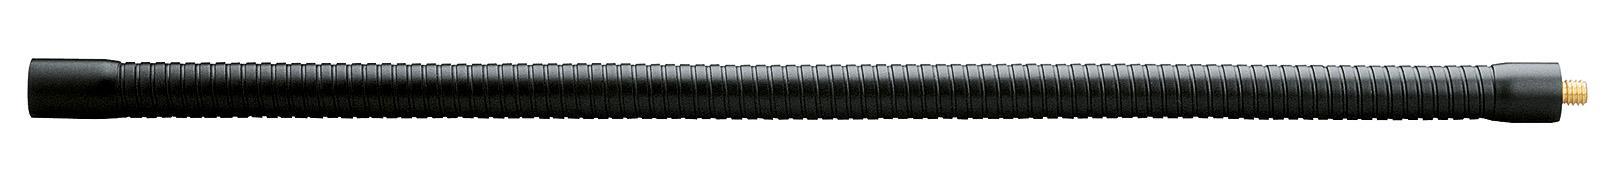 König & Meyer 227 Schwanenhals - schwarz